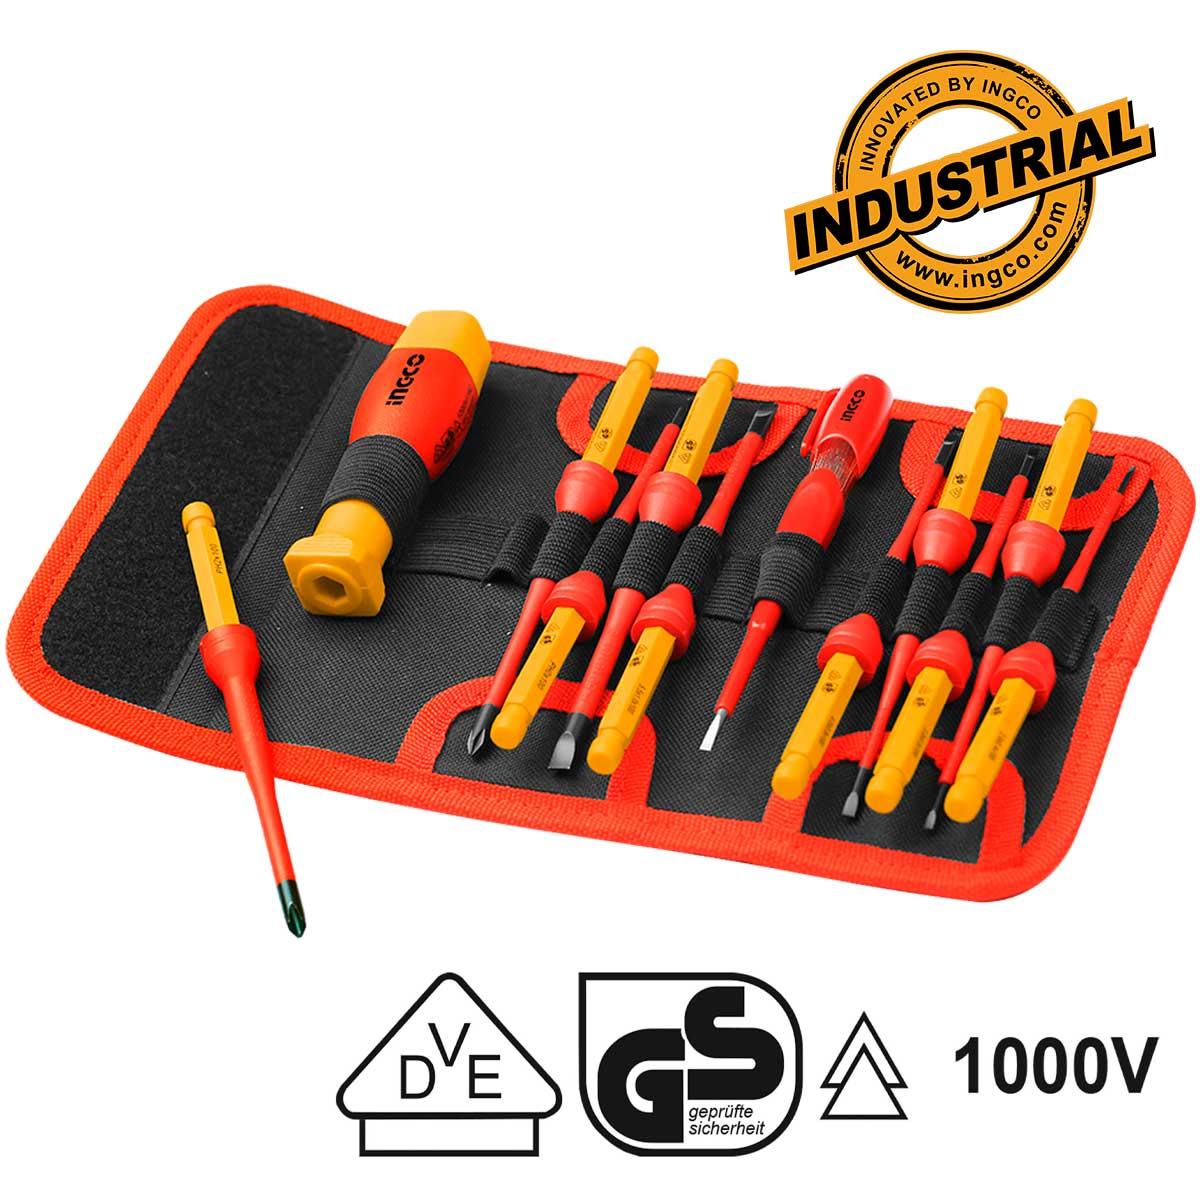 Κατσαβίδια ακριβείας ηλεκτρολόγου σετ 12τεμ. HKISD1201 INGCO